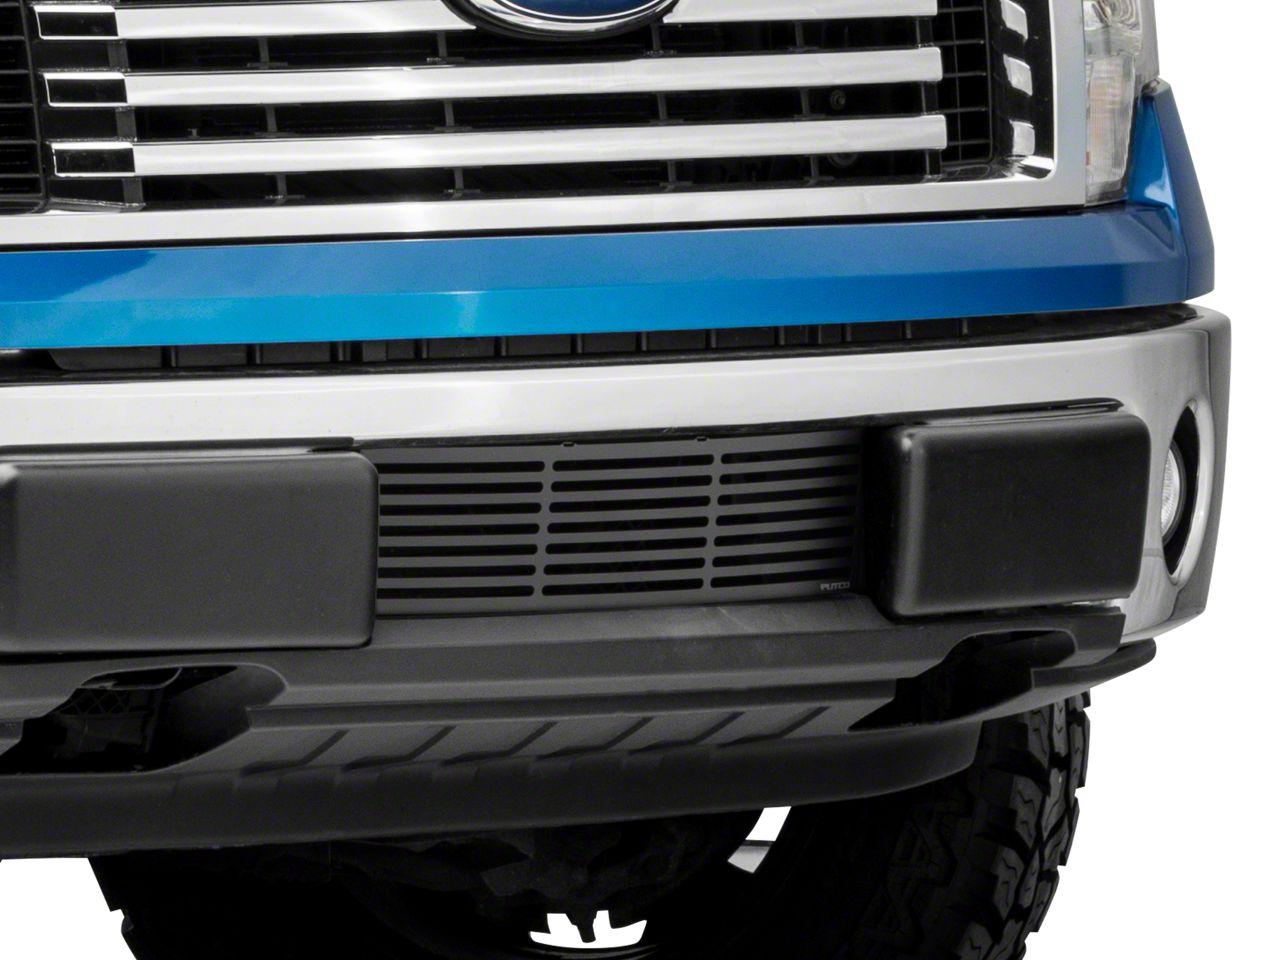 Putco Bar Design Lower Bumper Grille Insert - Black (09-14 F-150, Excluding Raptor, Harley Davidson & 2011 Limited)